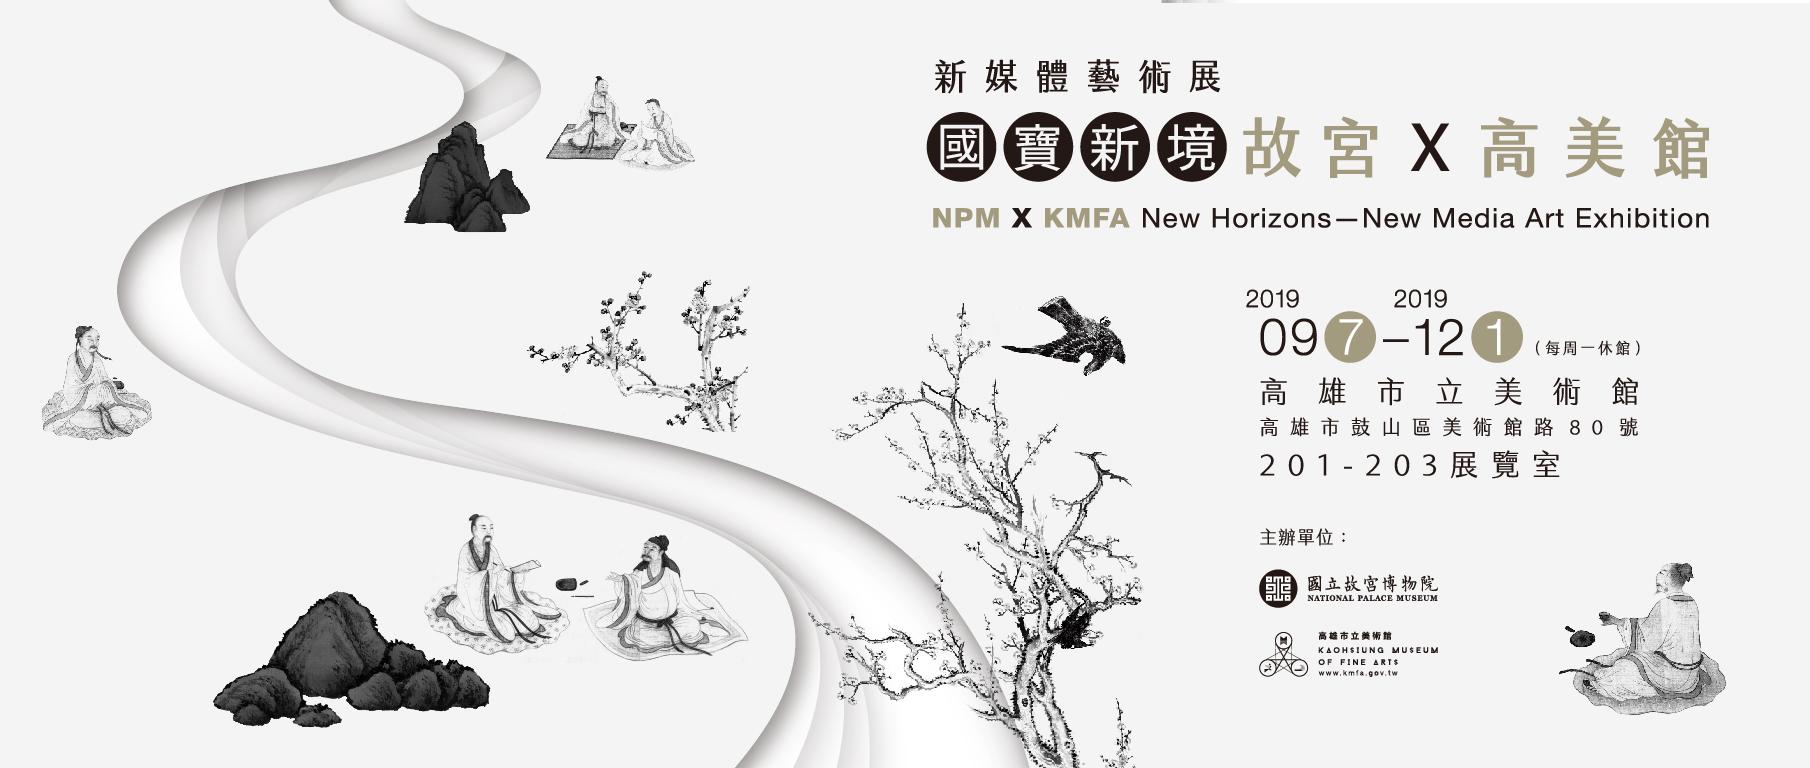 「故宮x高美館:國寶新境-新媒體藝術展」